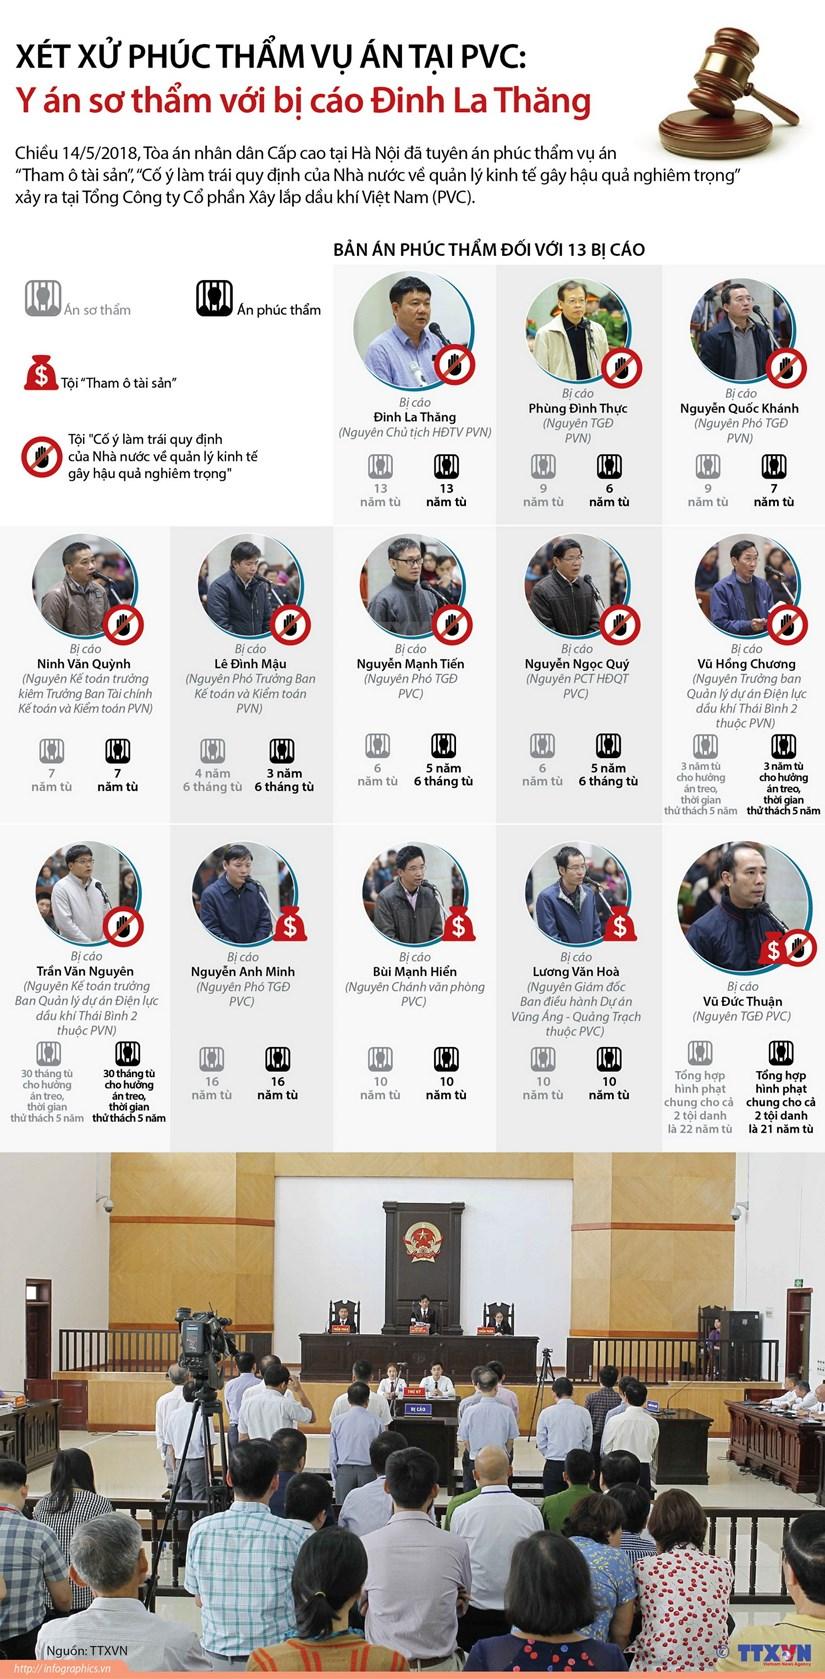 [Infographics] Xet xu vu PVC: Y an so tham voi bi cao Dinh La Thang hinh anh 1